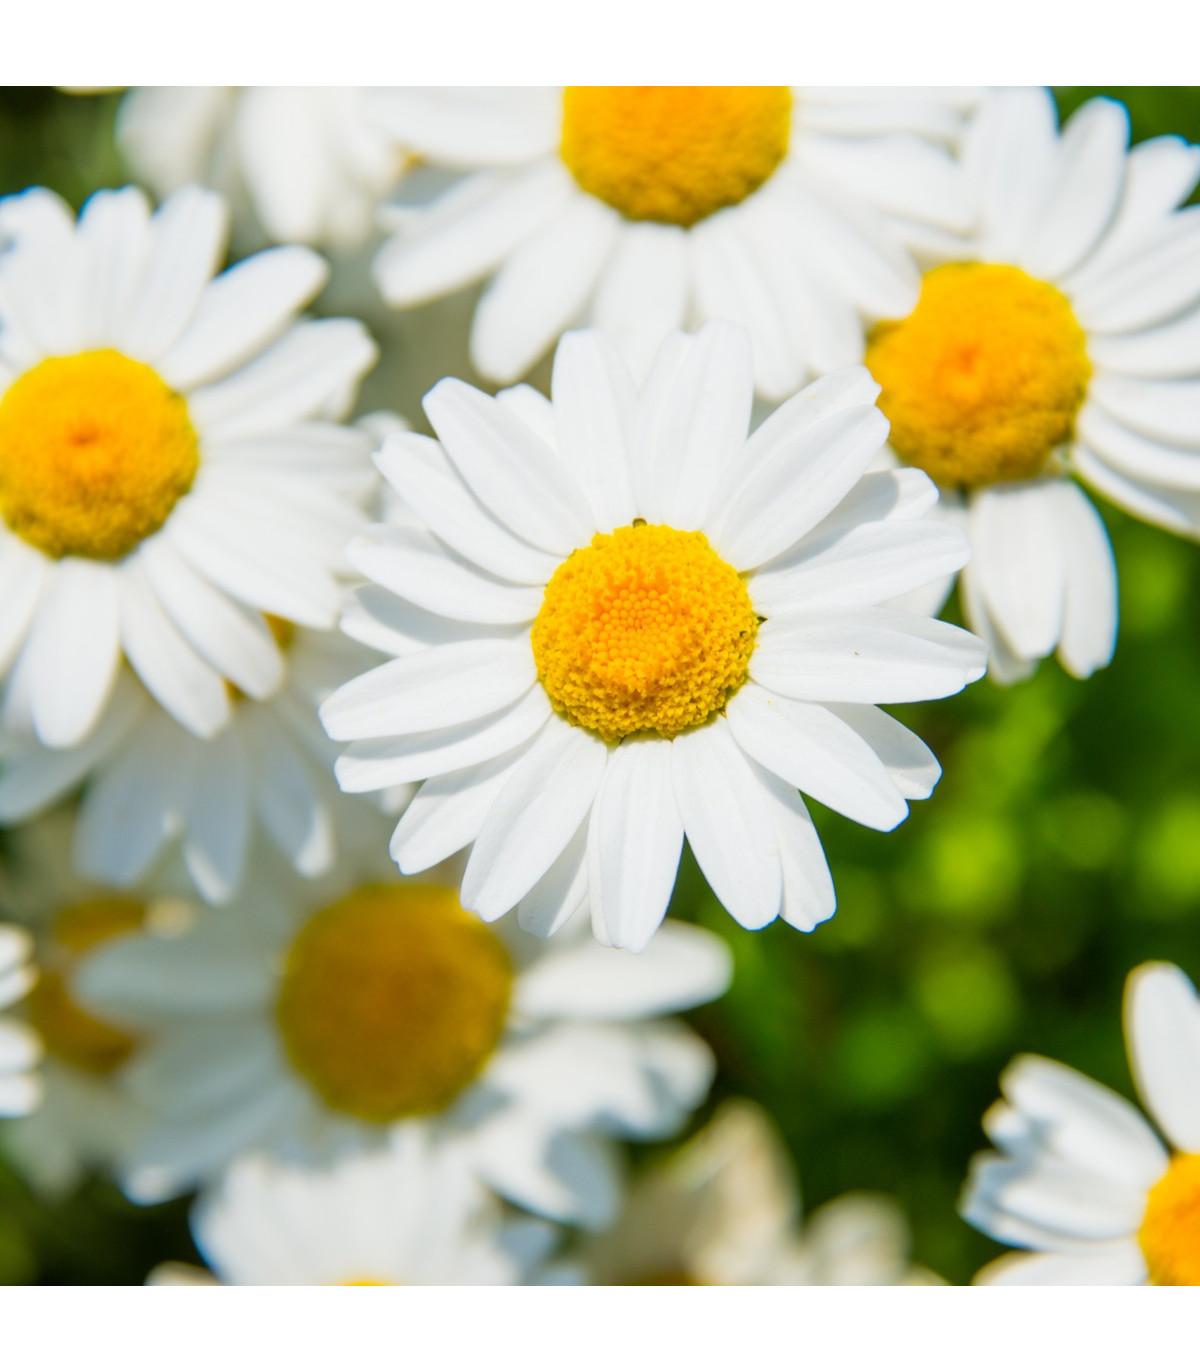 Margaréta balkónová biela - Chrysanthemum paludosum - semená - 500 ks